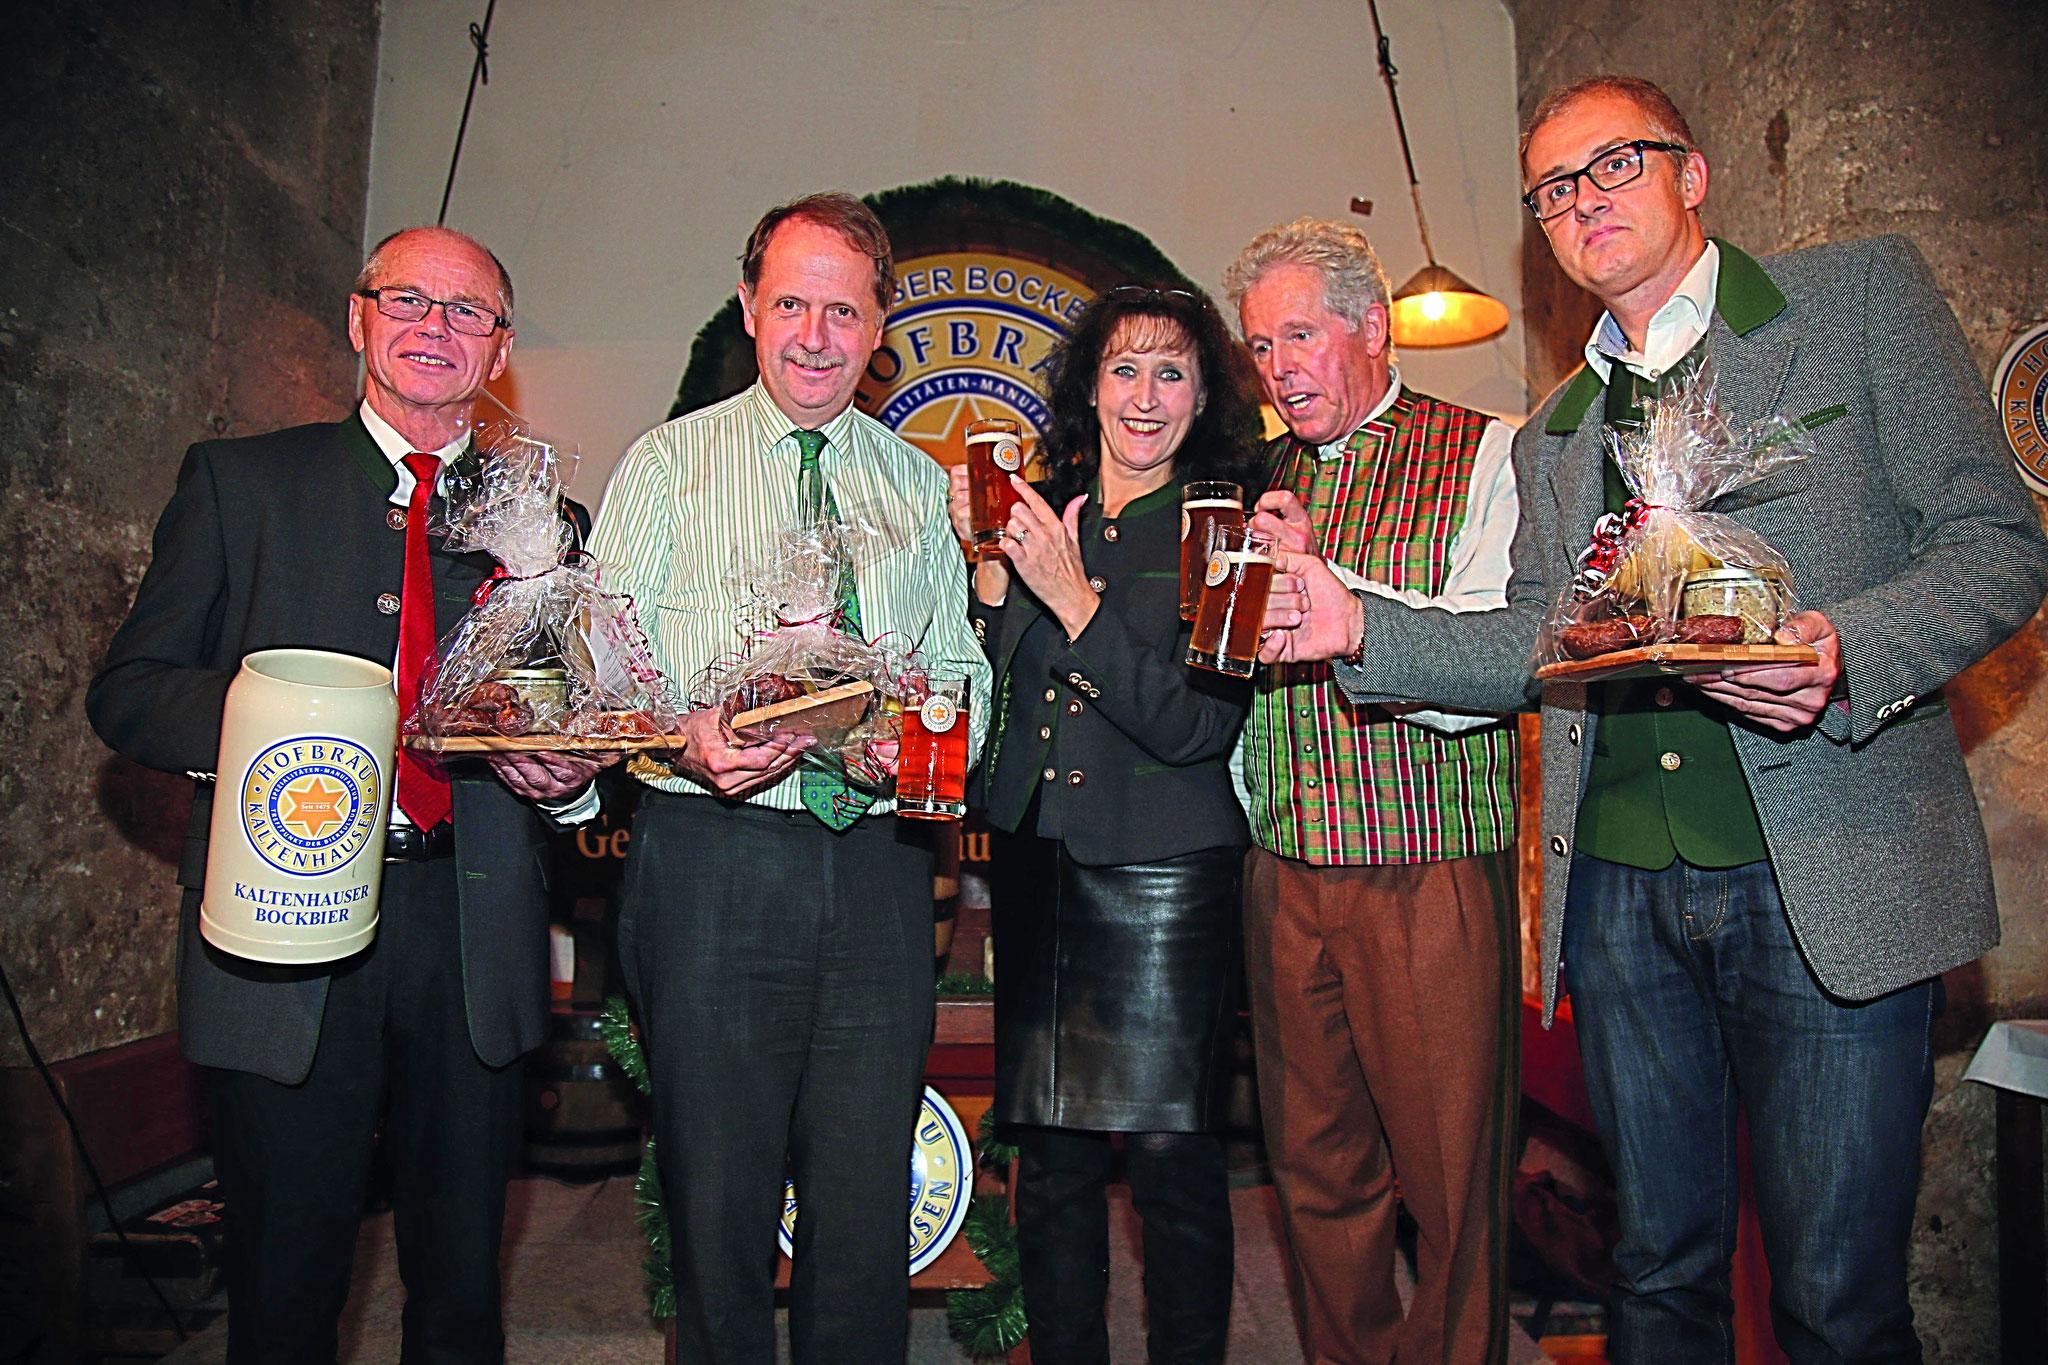 V.l.n.r.: LH.Stellvertr. Dr. Christian Stöckl;  Generaldirektor Markus Liebl; Caroline Hubble; Moderator Philip Meikl; Sie bekamen alle als Präsent eine bierige Brotzeit. Natürlich hergestellt mit dem köstlichen Gebräu von Kaltenhausen!